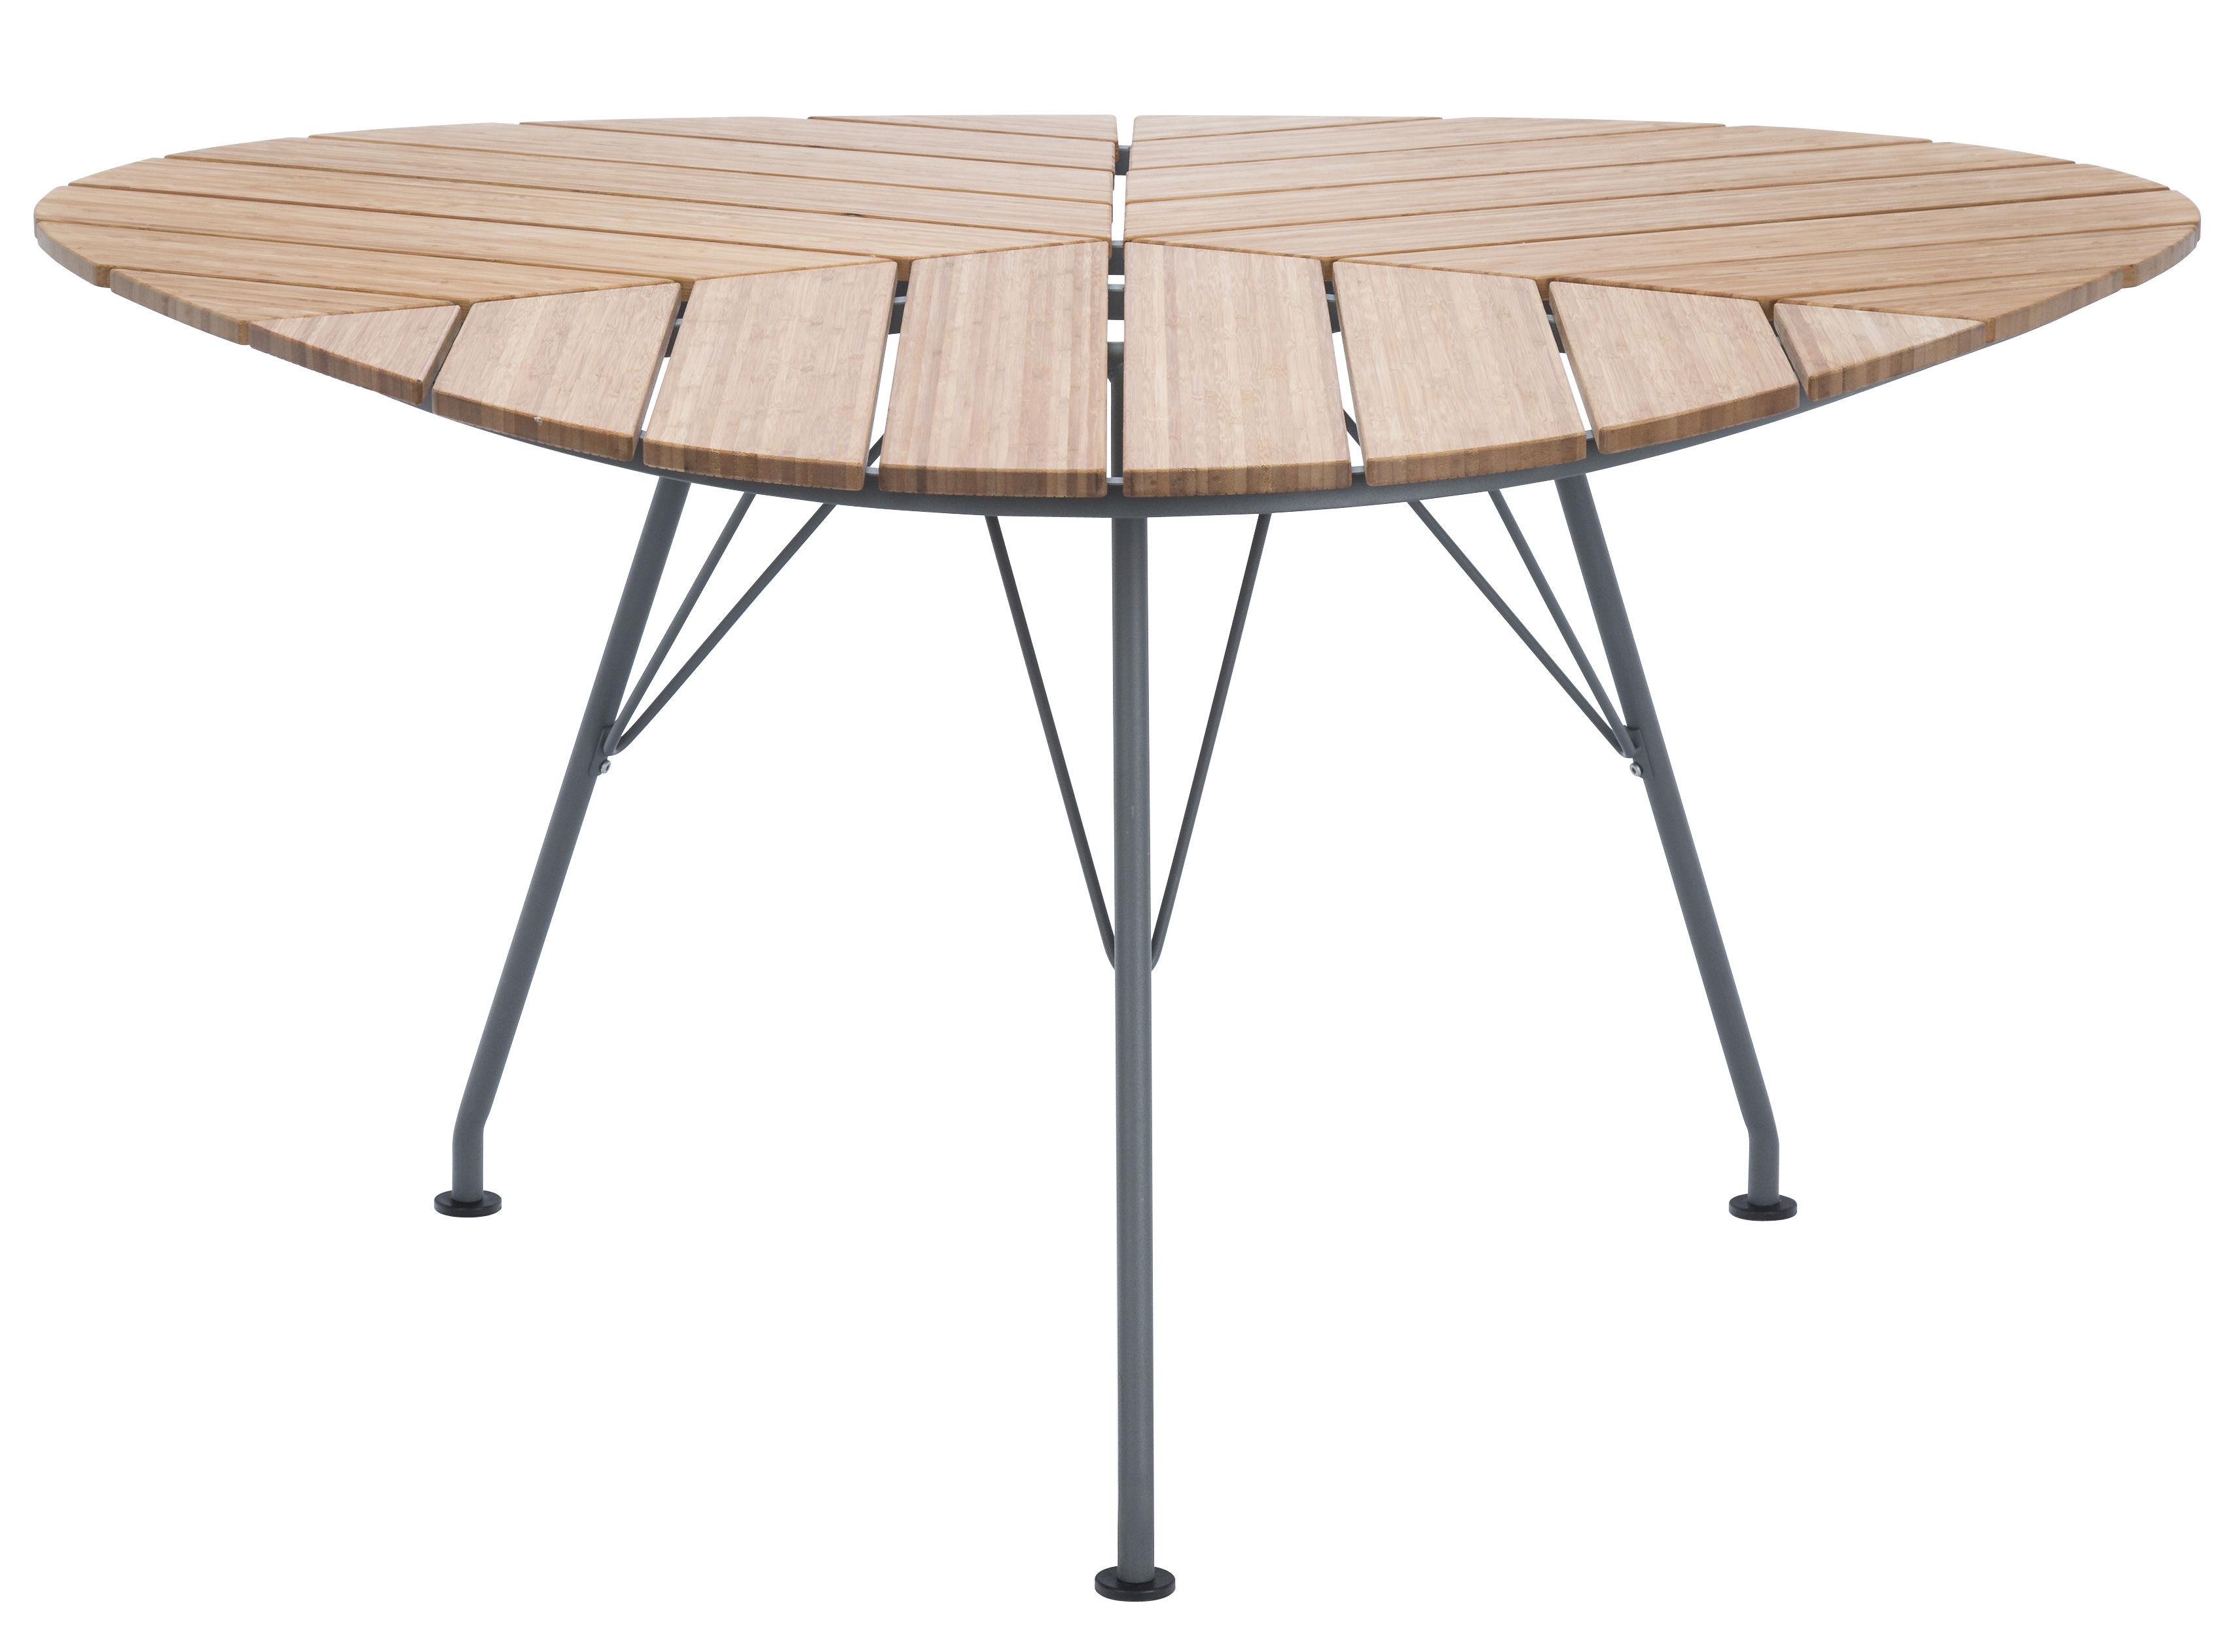 Leaf Round table - Triangular - 146 x 146 x 146 cm by Houe